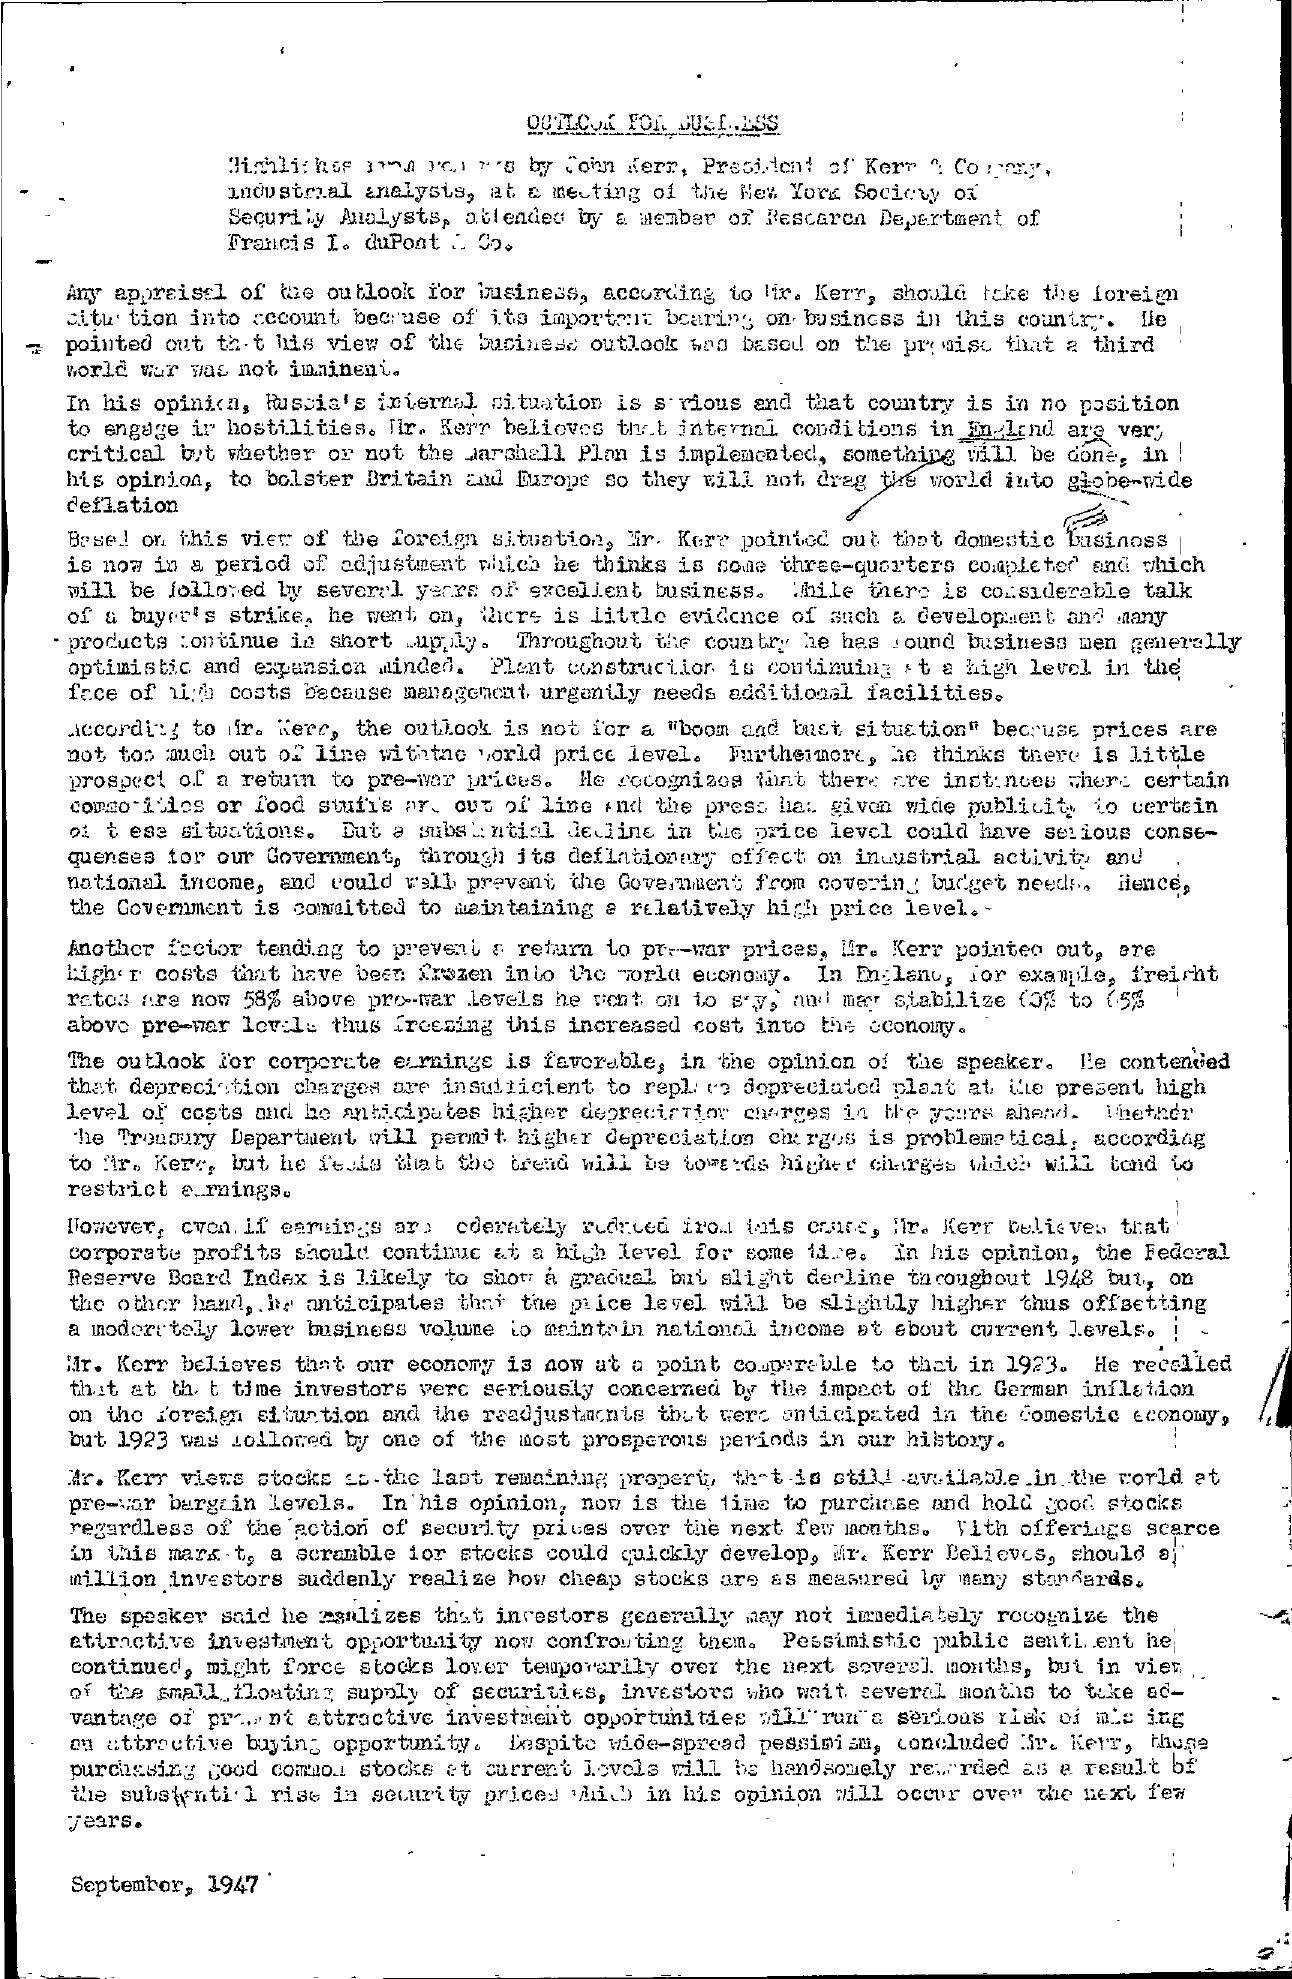 Tabell's Market Letter - September 30, 1947